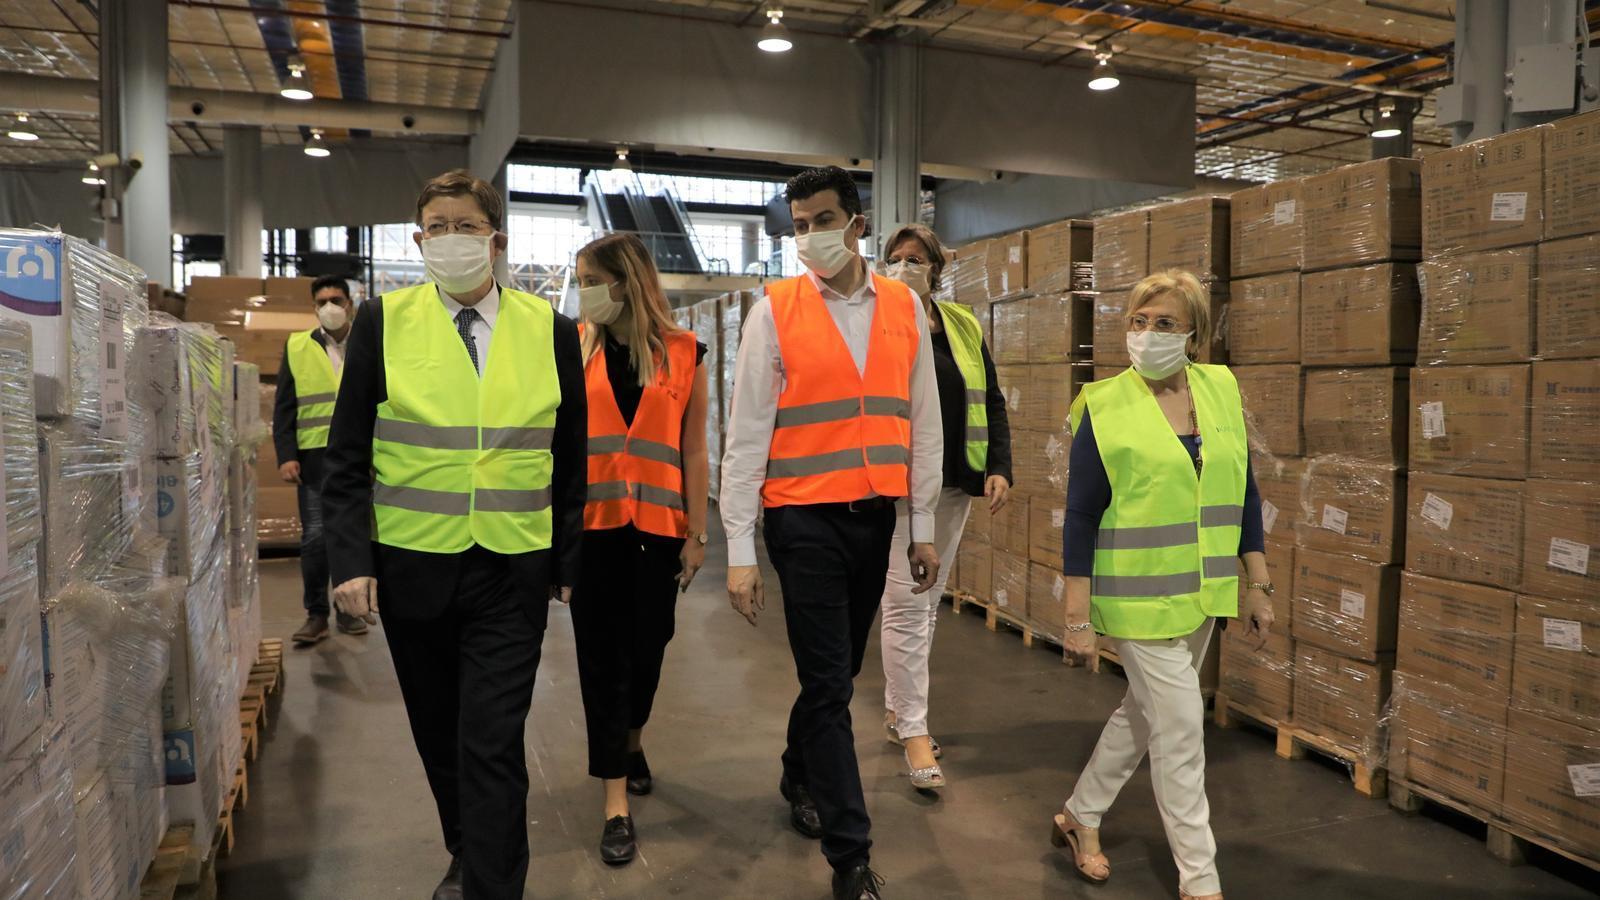 El president de la Generalitat Valenciana, Ximo Puig, i la consellera de Sanitat Universal i Salut Pública, Ana Barceló, durant la seva visita a les instal·lacions de Fira València on s'emmagatzema el material sanitari